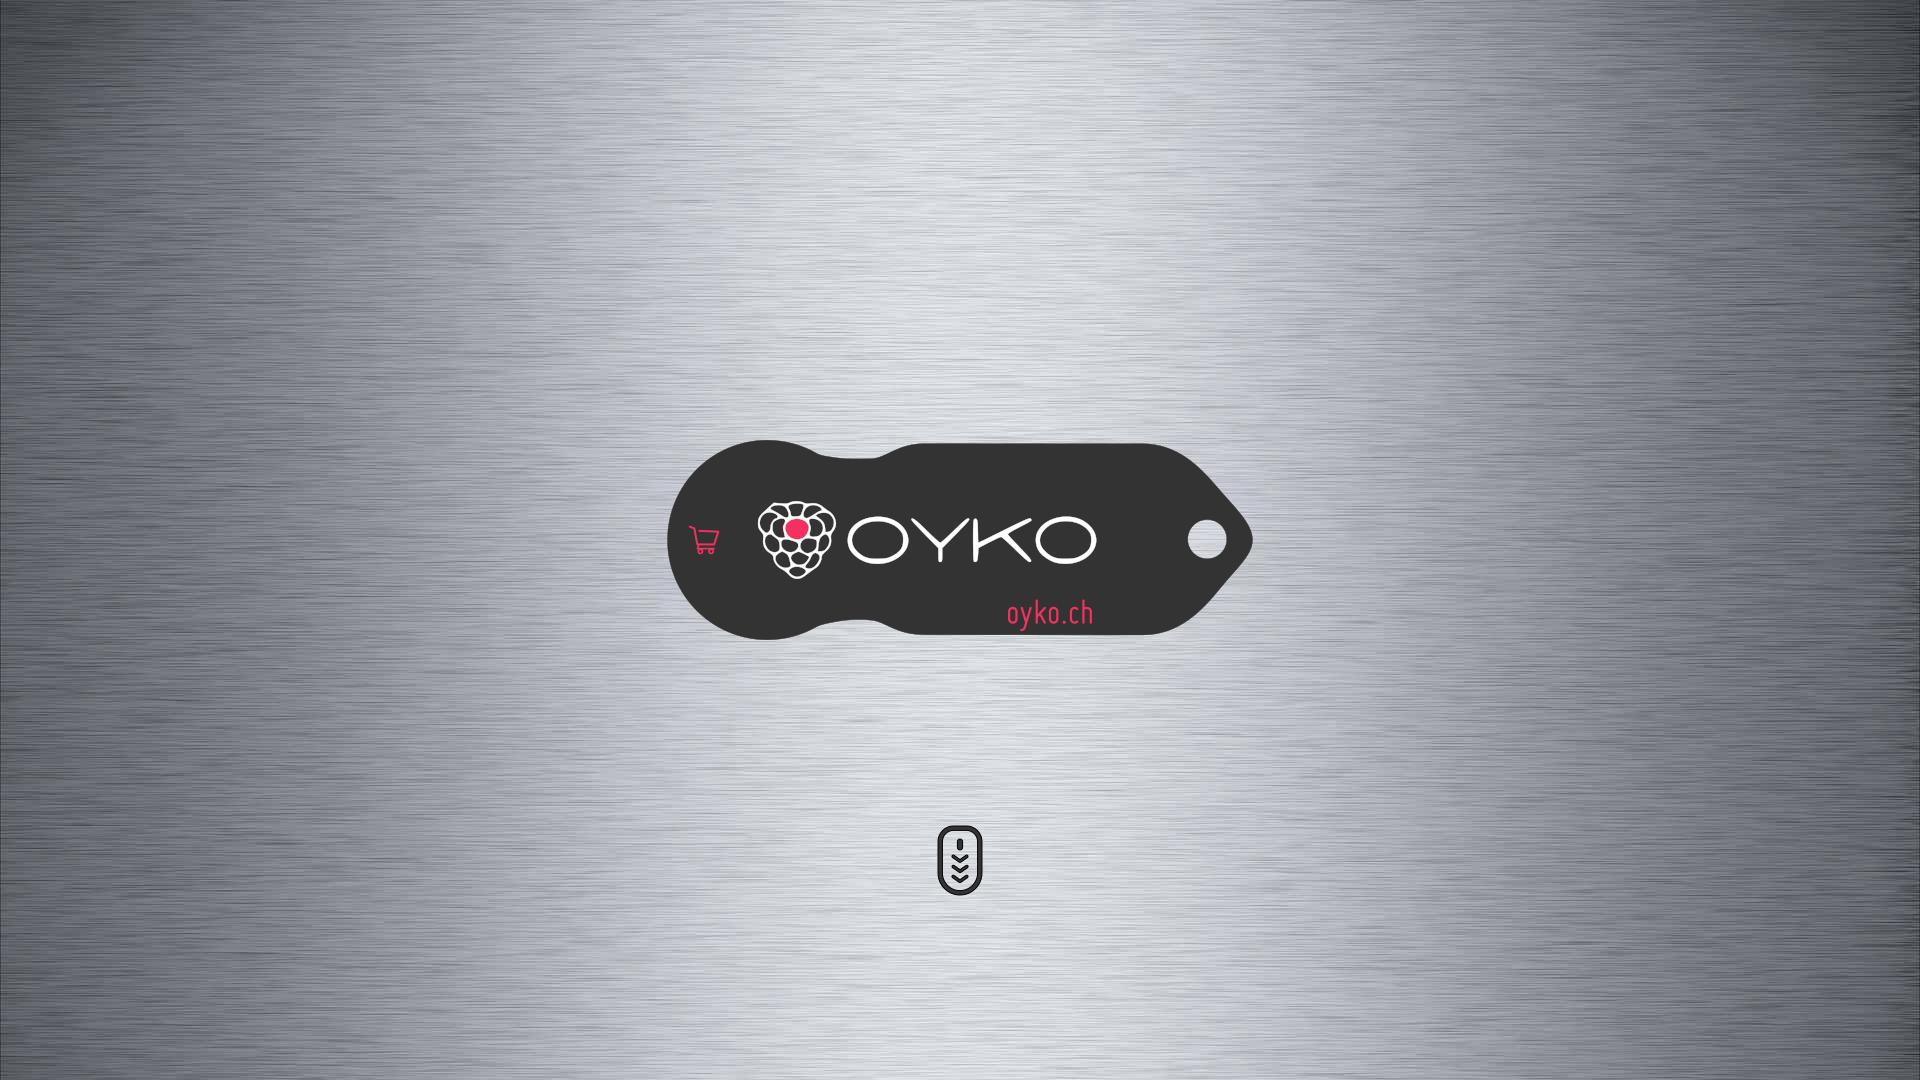 OYKO.ch